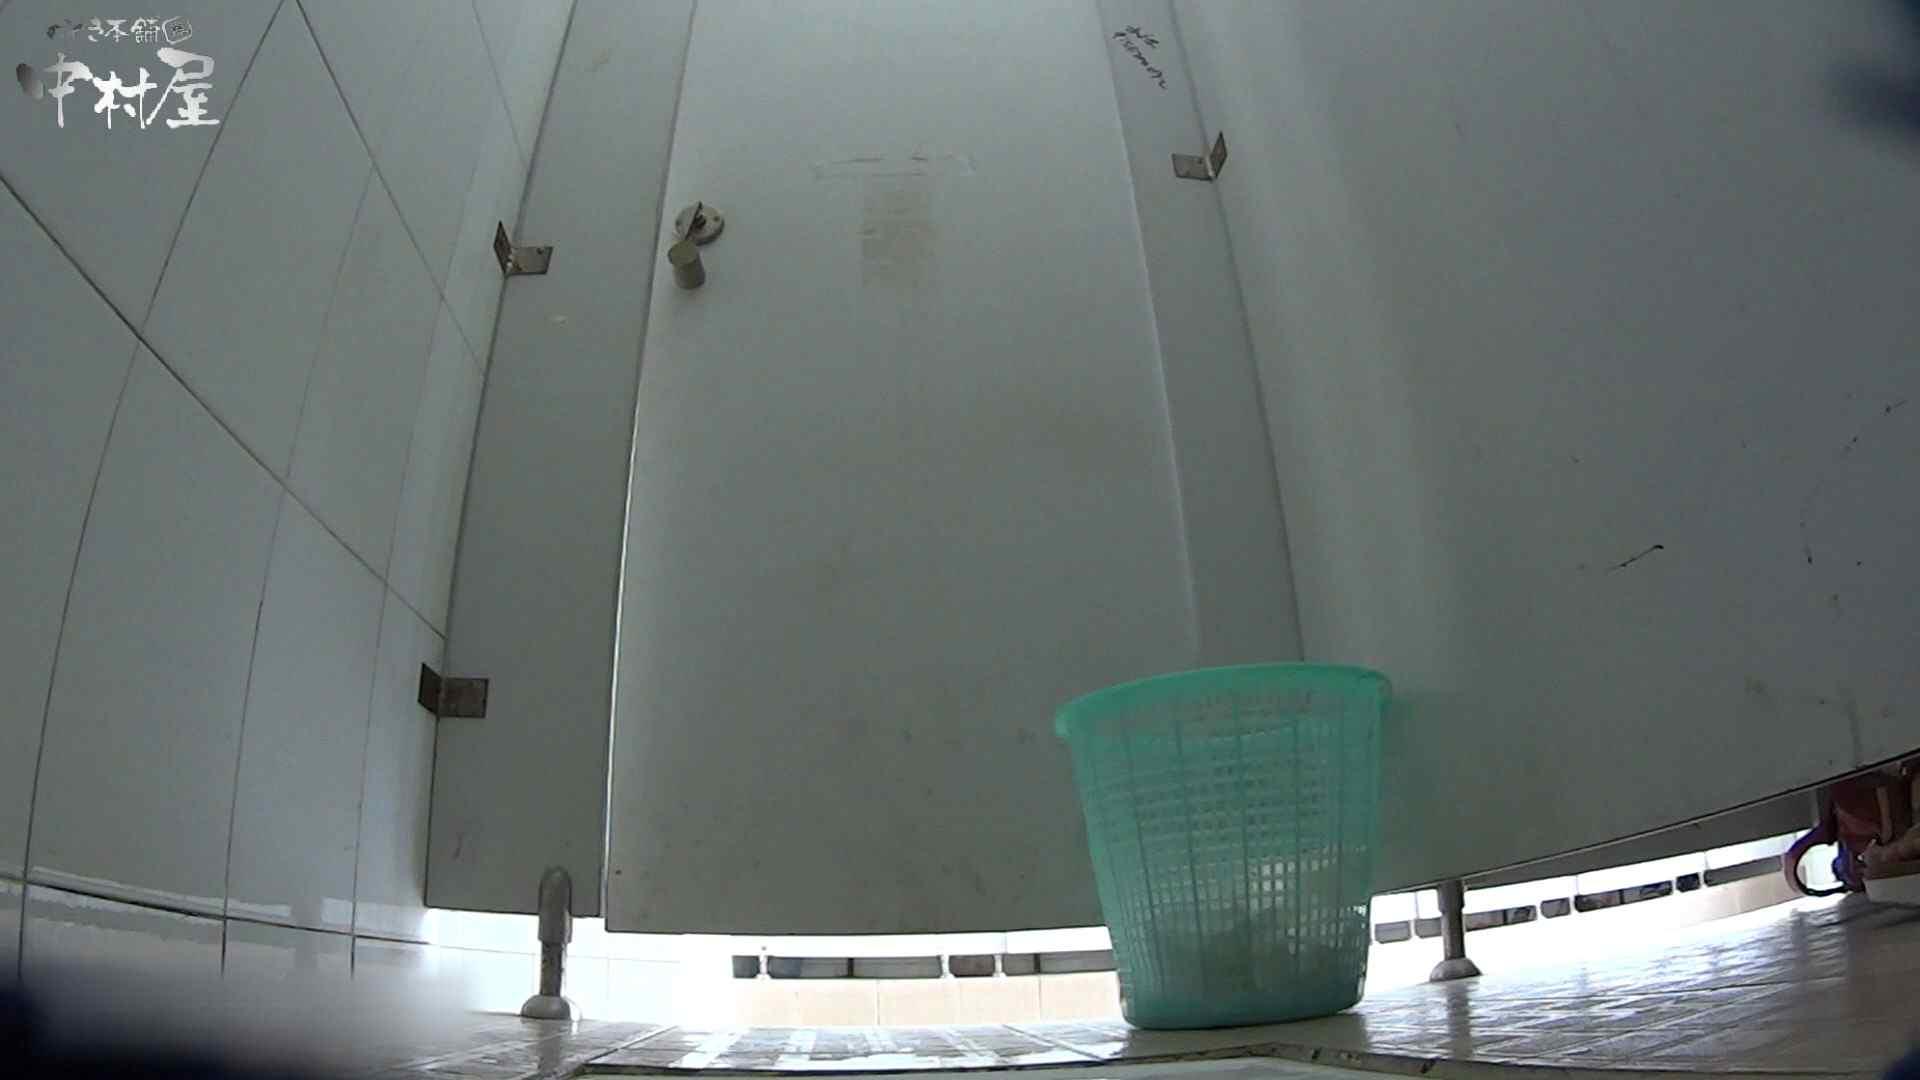 美しい女良たちのトイレ事情 有名大学休憩時間の洗面所事情06 盗撮  110画像 56